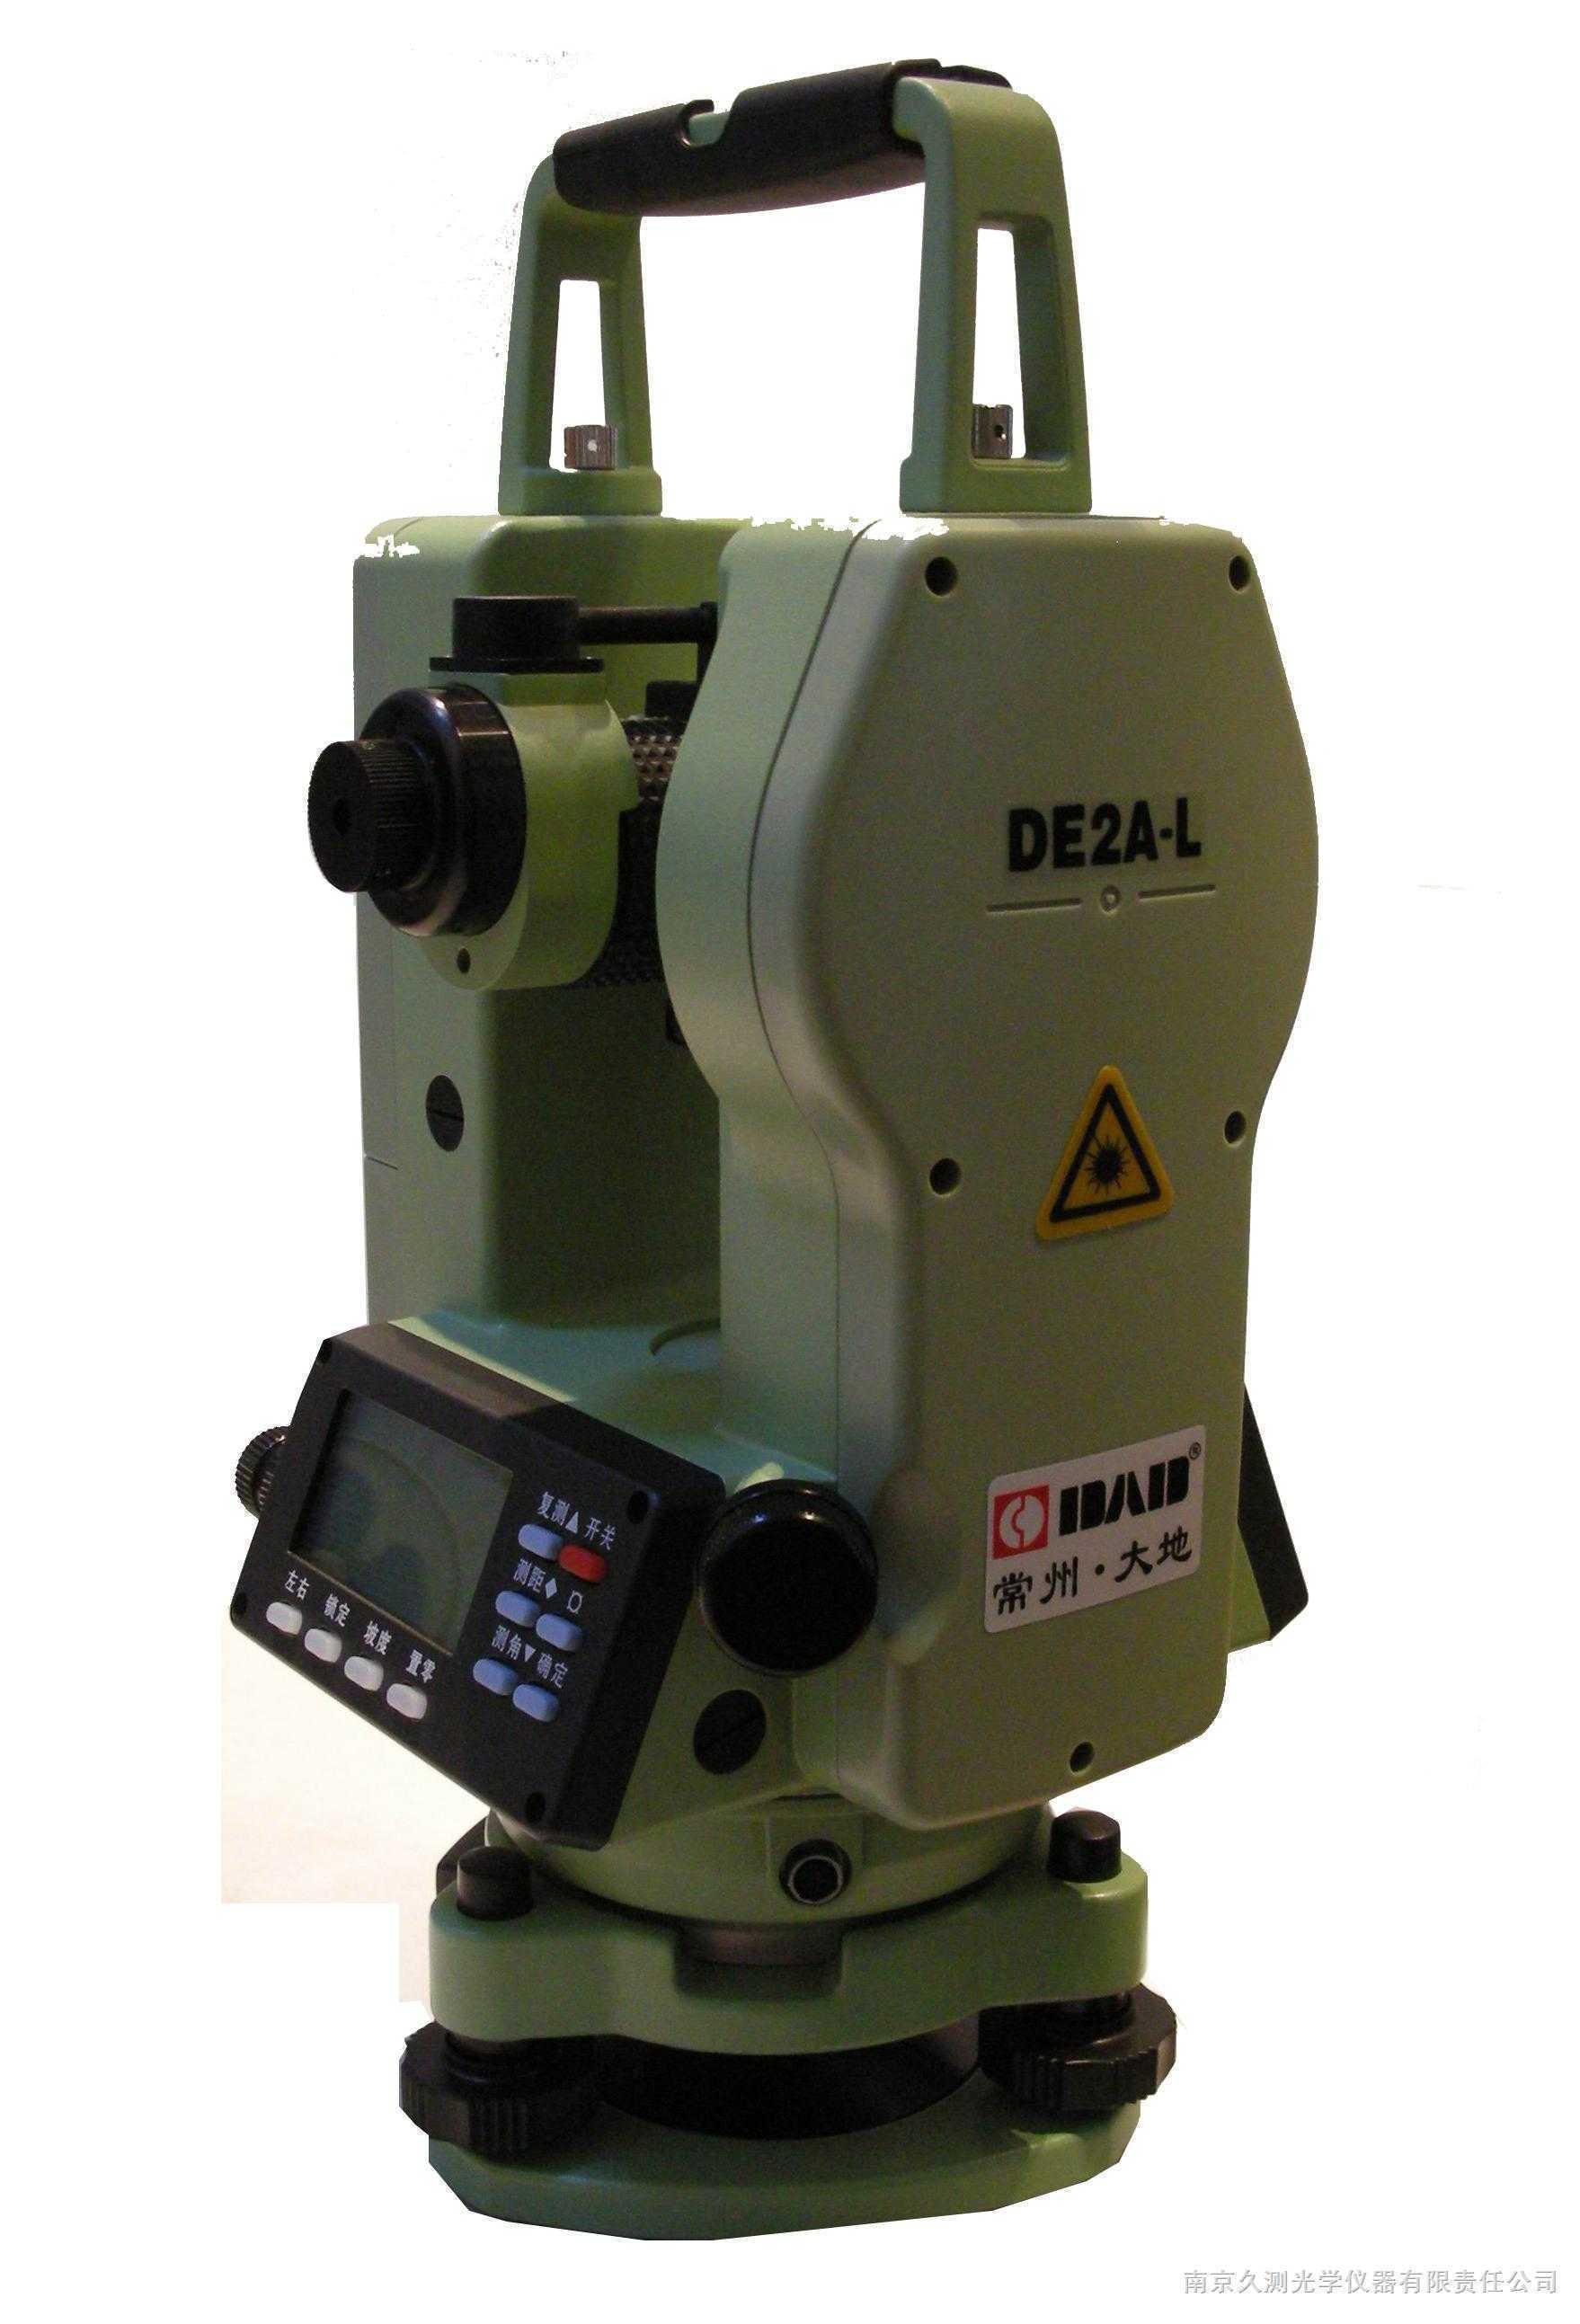 de2a-l 大屏幕中文液晶和大按键大地激光经纬仪de2a-l